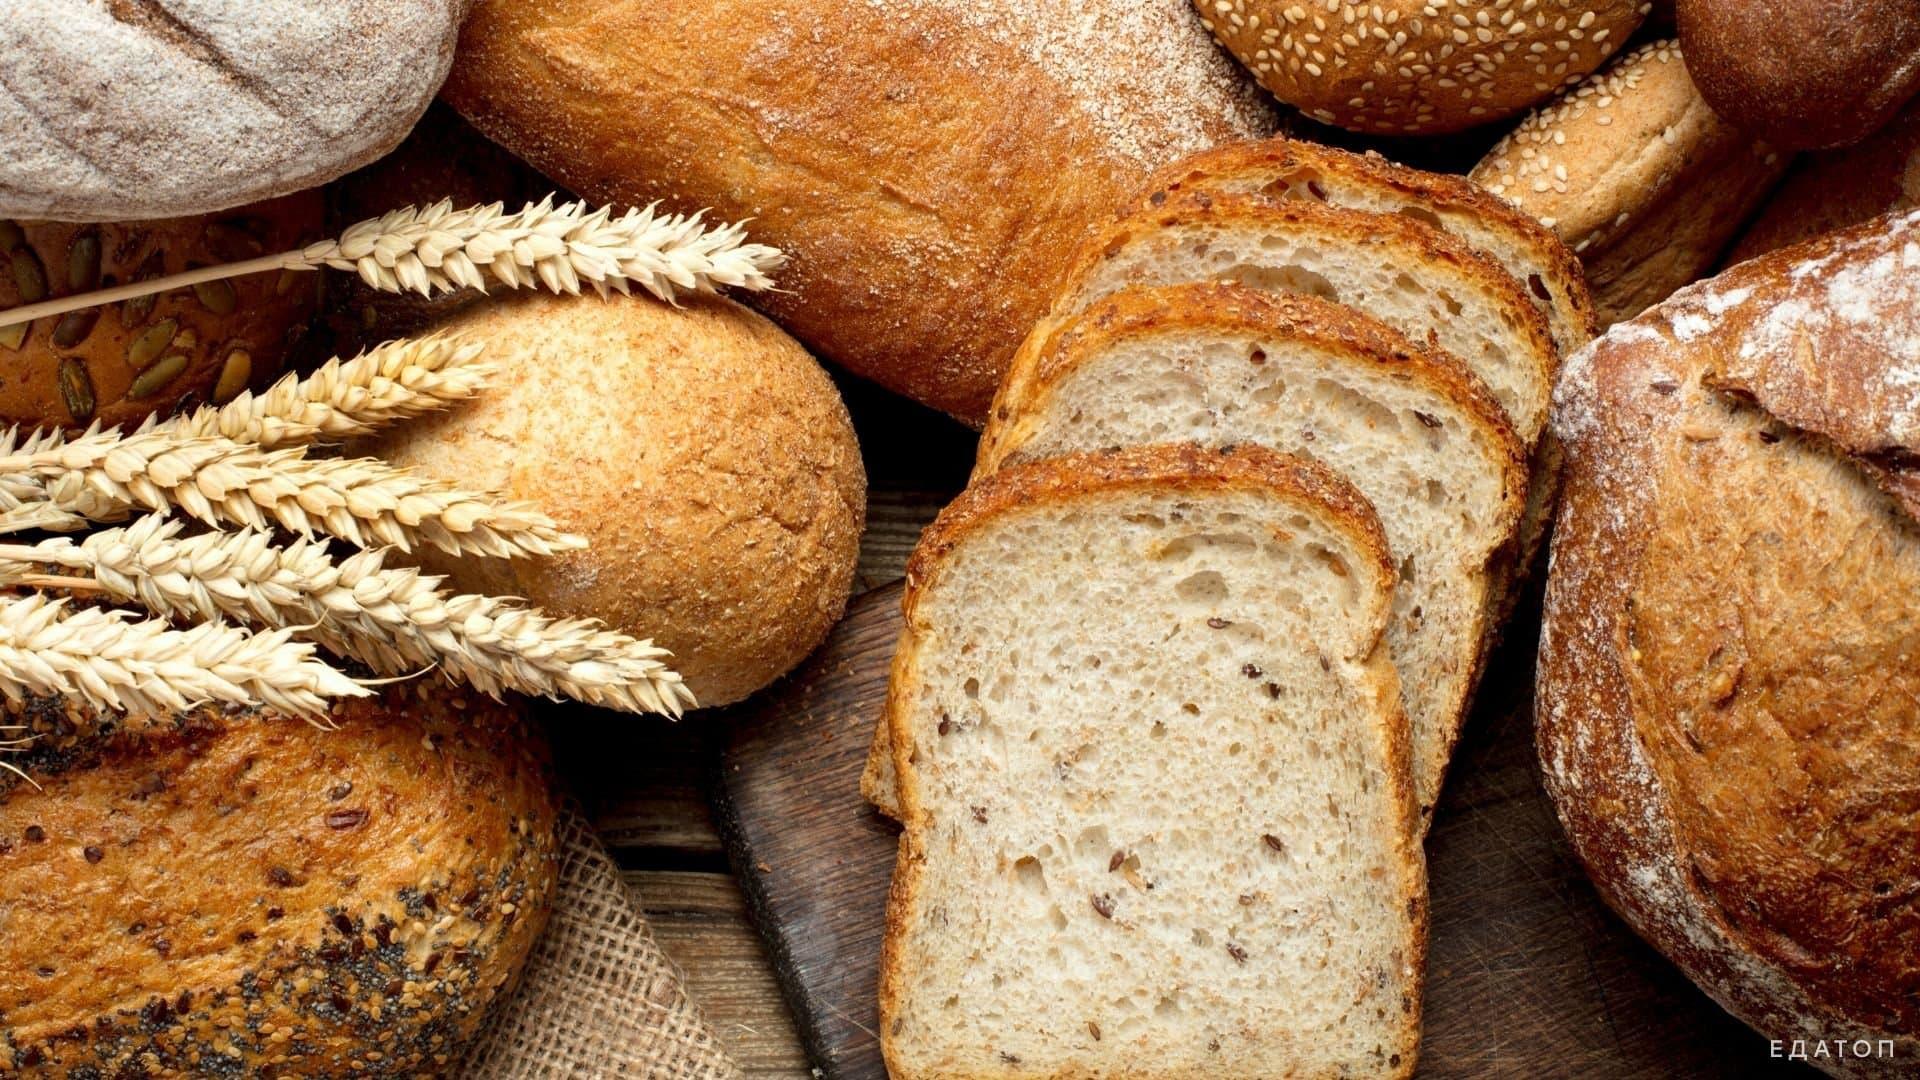 Хлебобулочные изделия считаются калорийными, их надо употреблять в малых количествах.